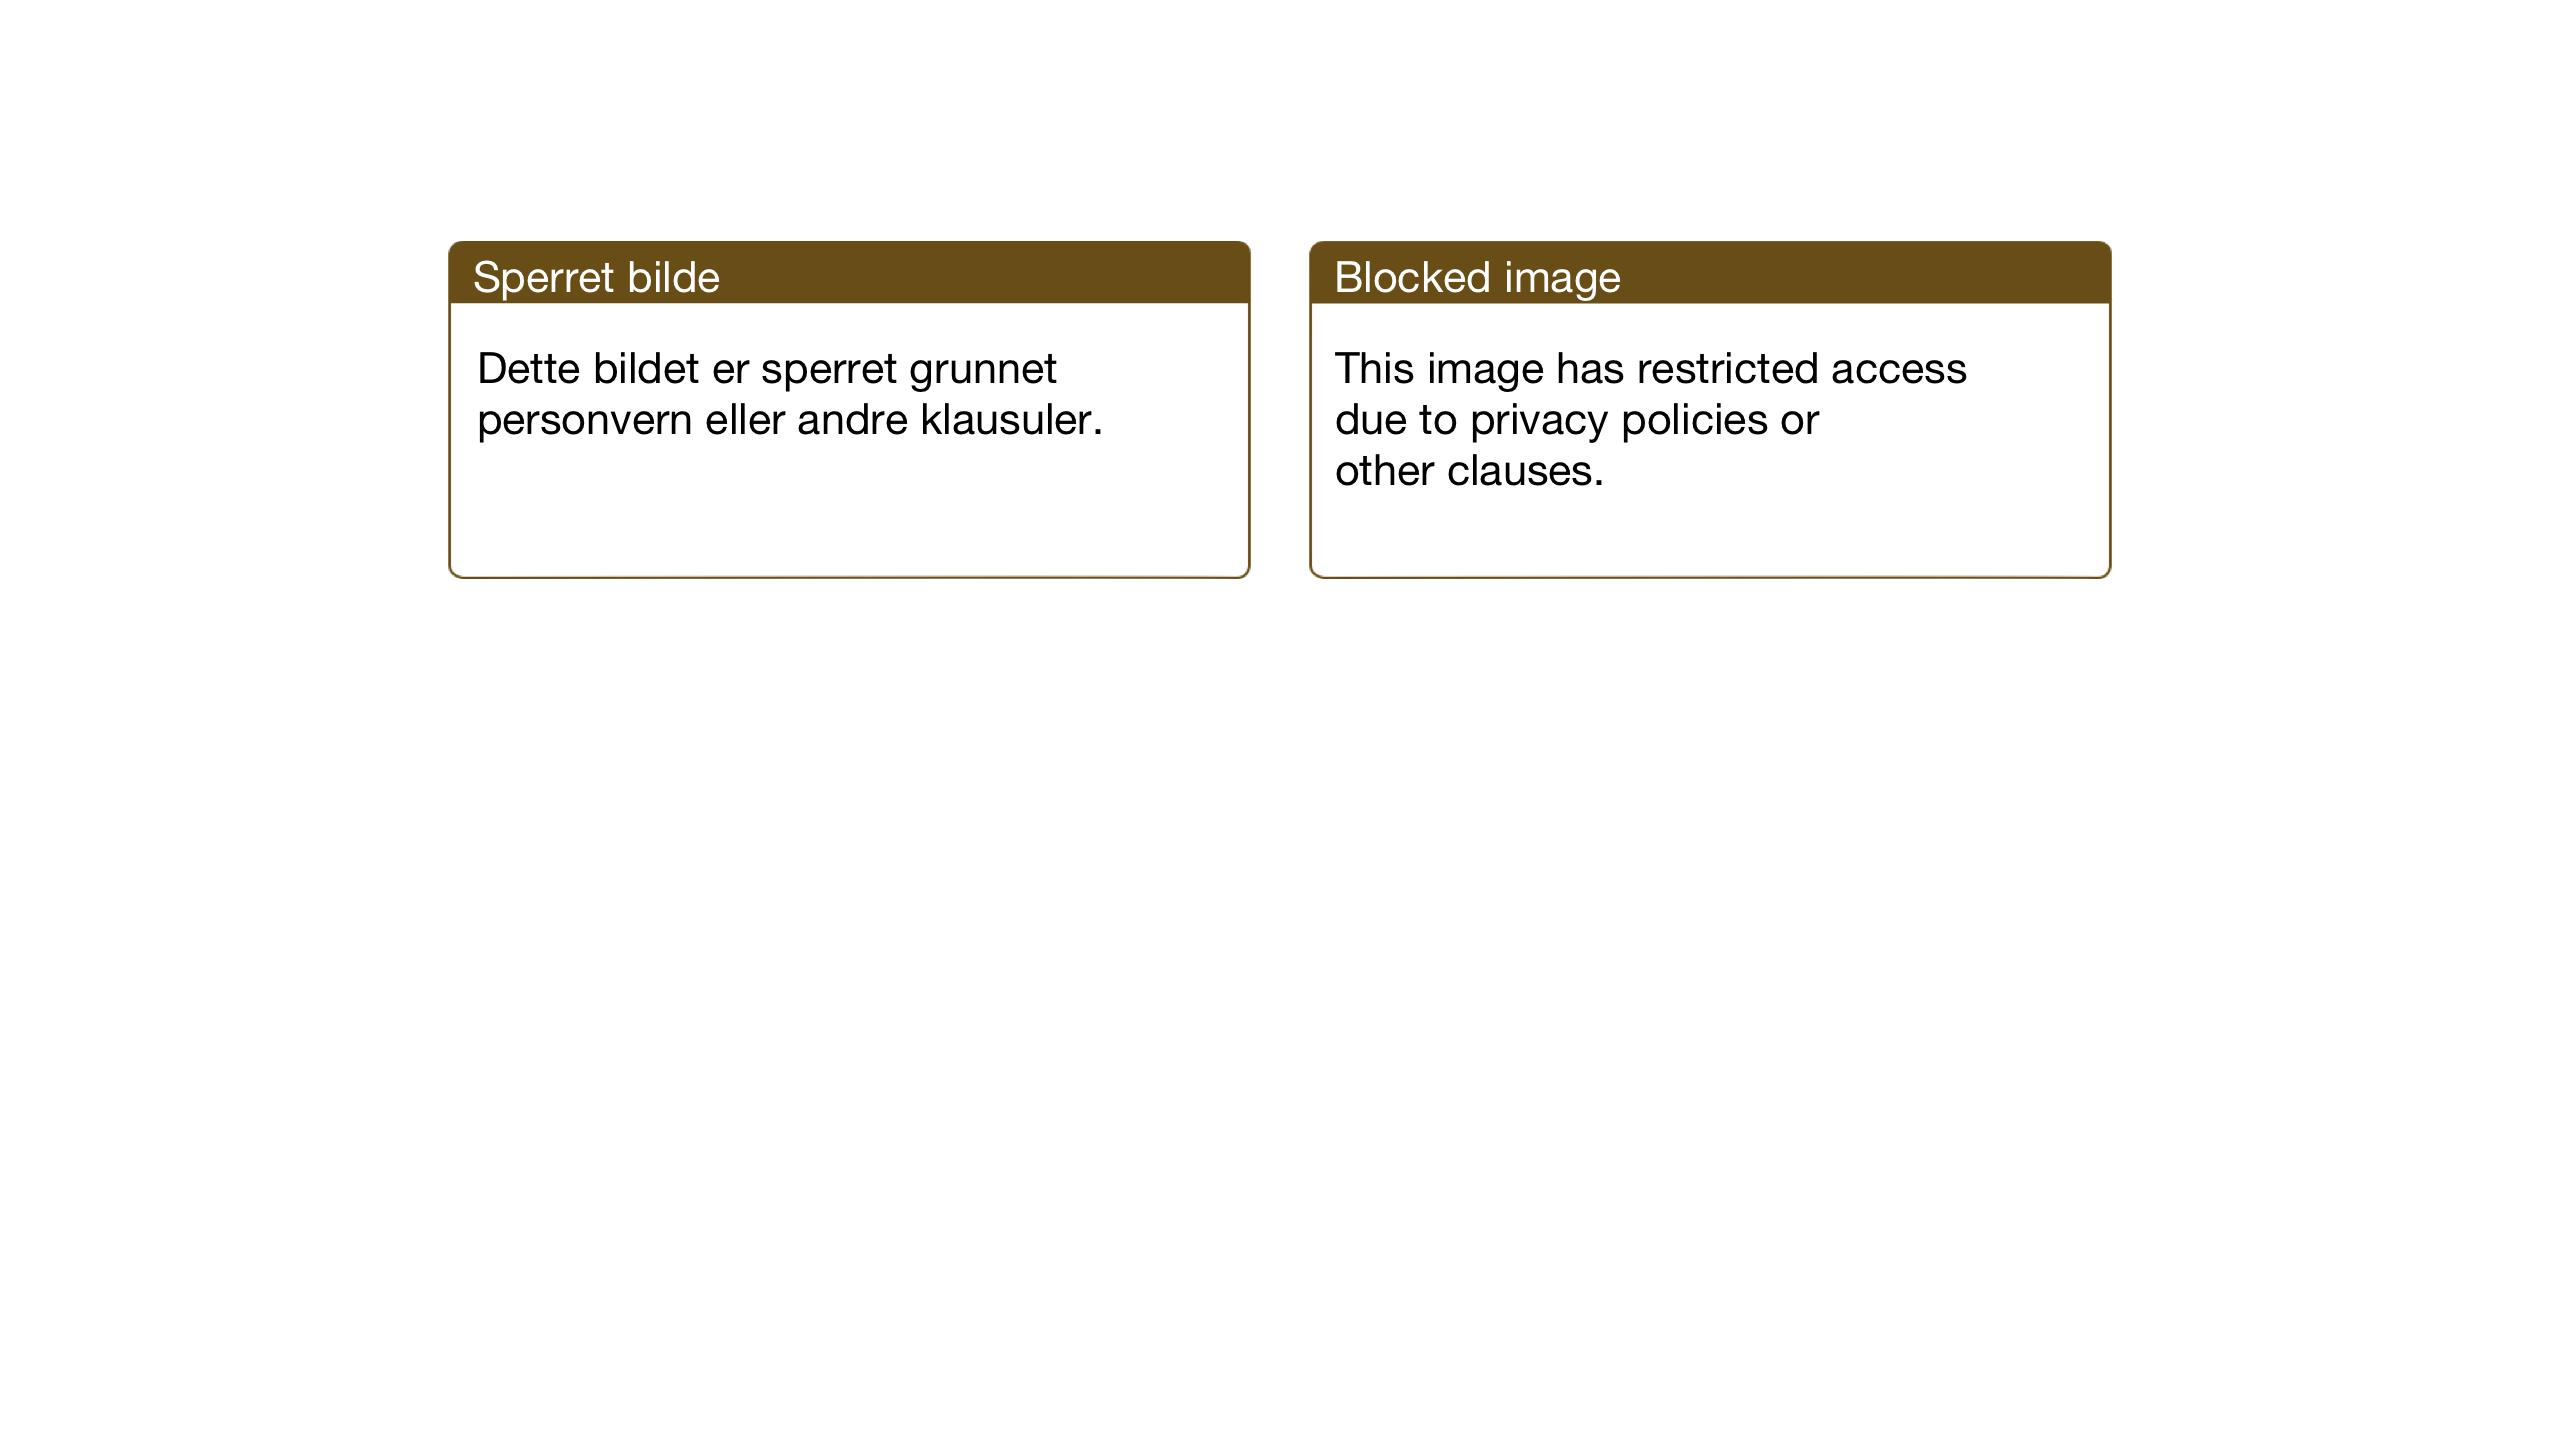 SAT, Ministerialprotokoller, klokkerbøker og fødselsregistre - Nord-Trøndelag, 722/L0227: Klokkerbok nr. 722C03, 1928-1958, s. 118